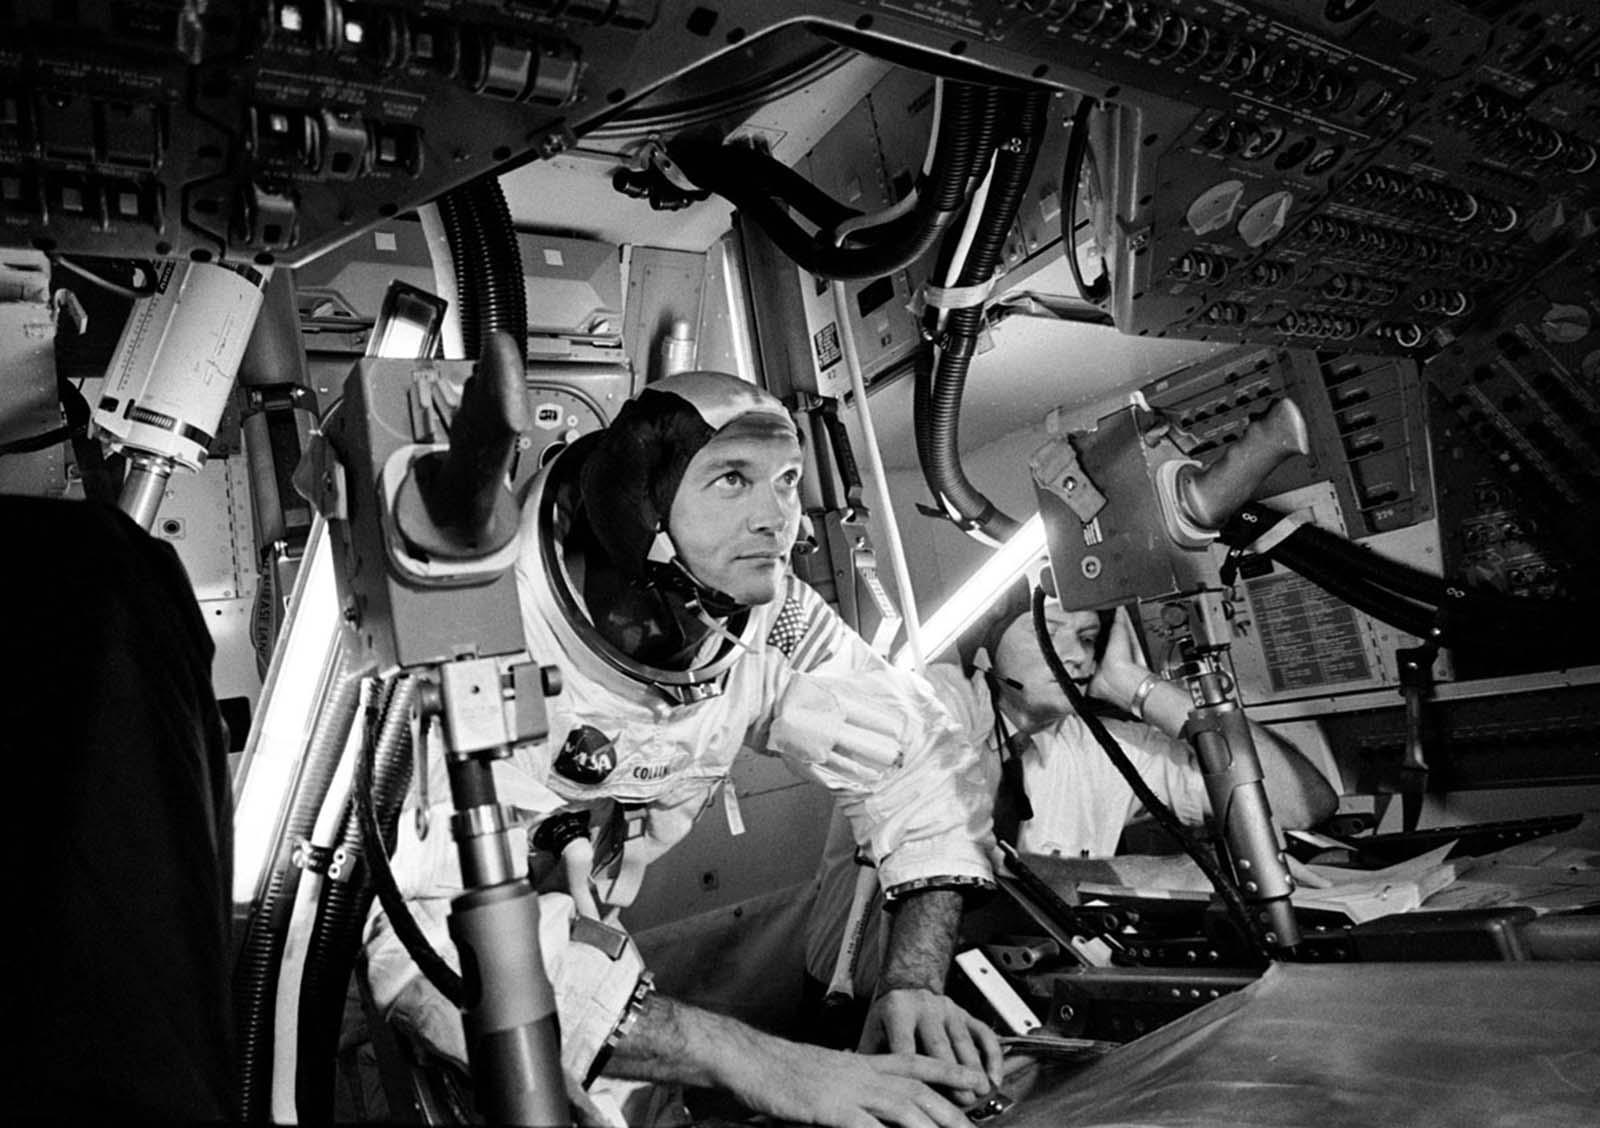 Apollo 11 preparation%2B%252823%2529 - Fotos raras da preparação de Neil Armstrong antes de ir a Lua